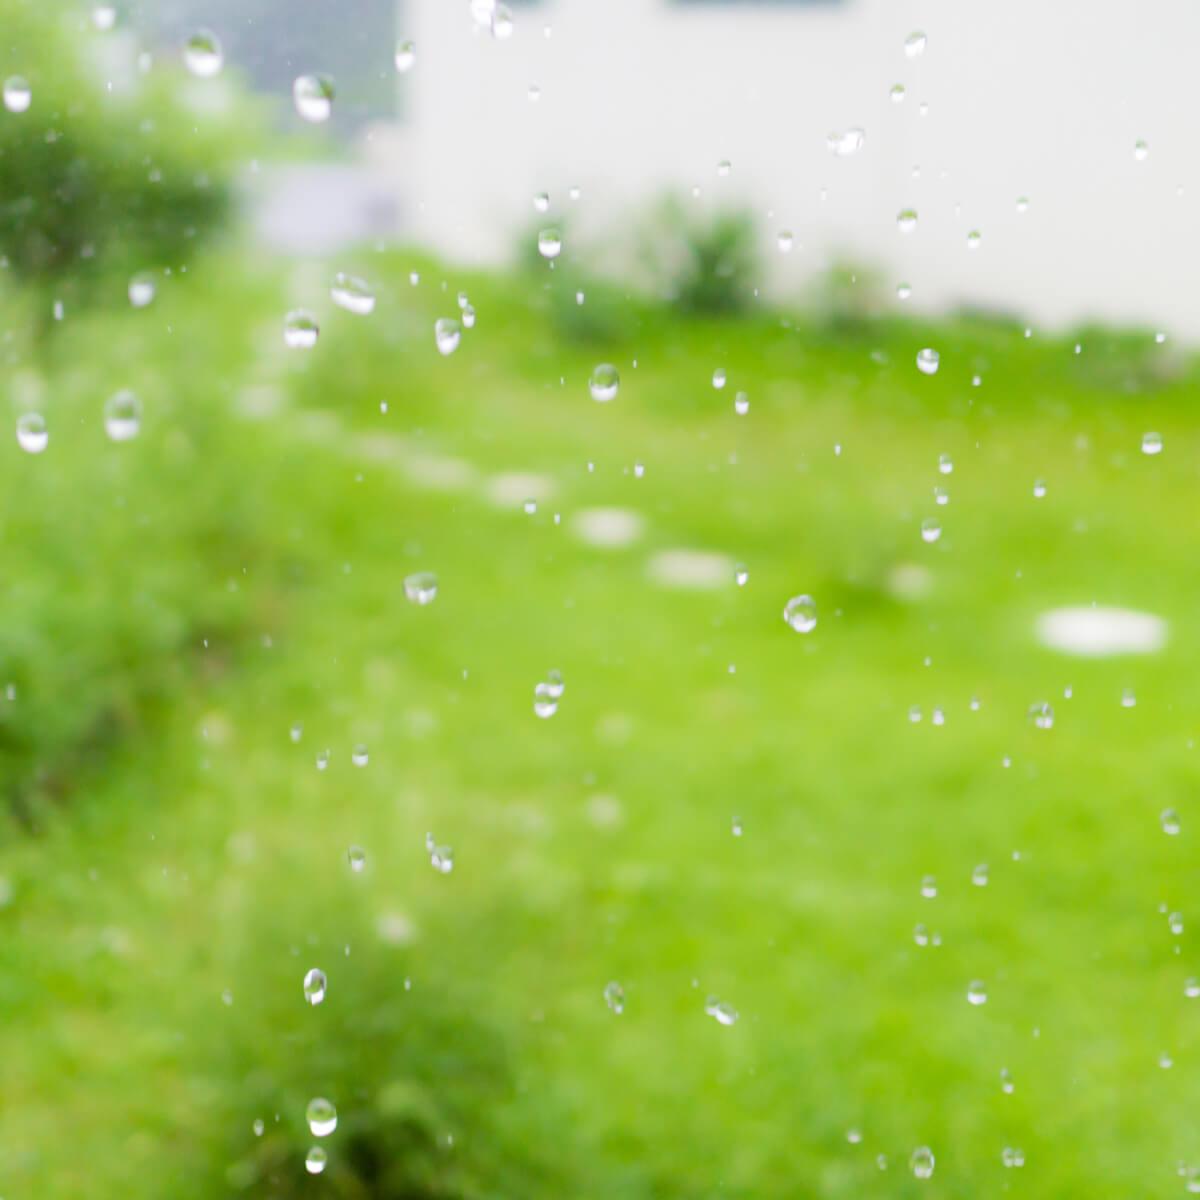 屋久島しずくギャラリーの芝生 雨のしずく 屋久島雨とジュエリー オーダーメイドジュエリーの販売